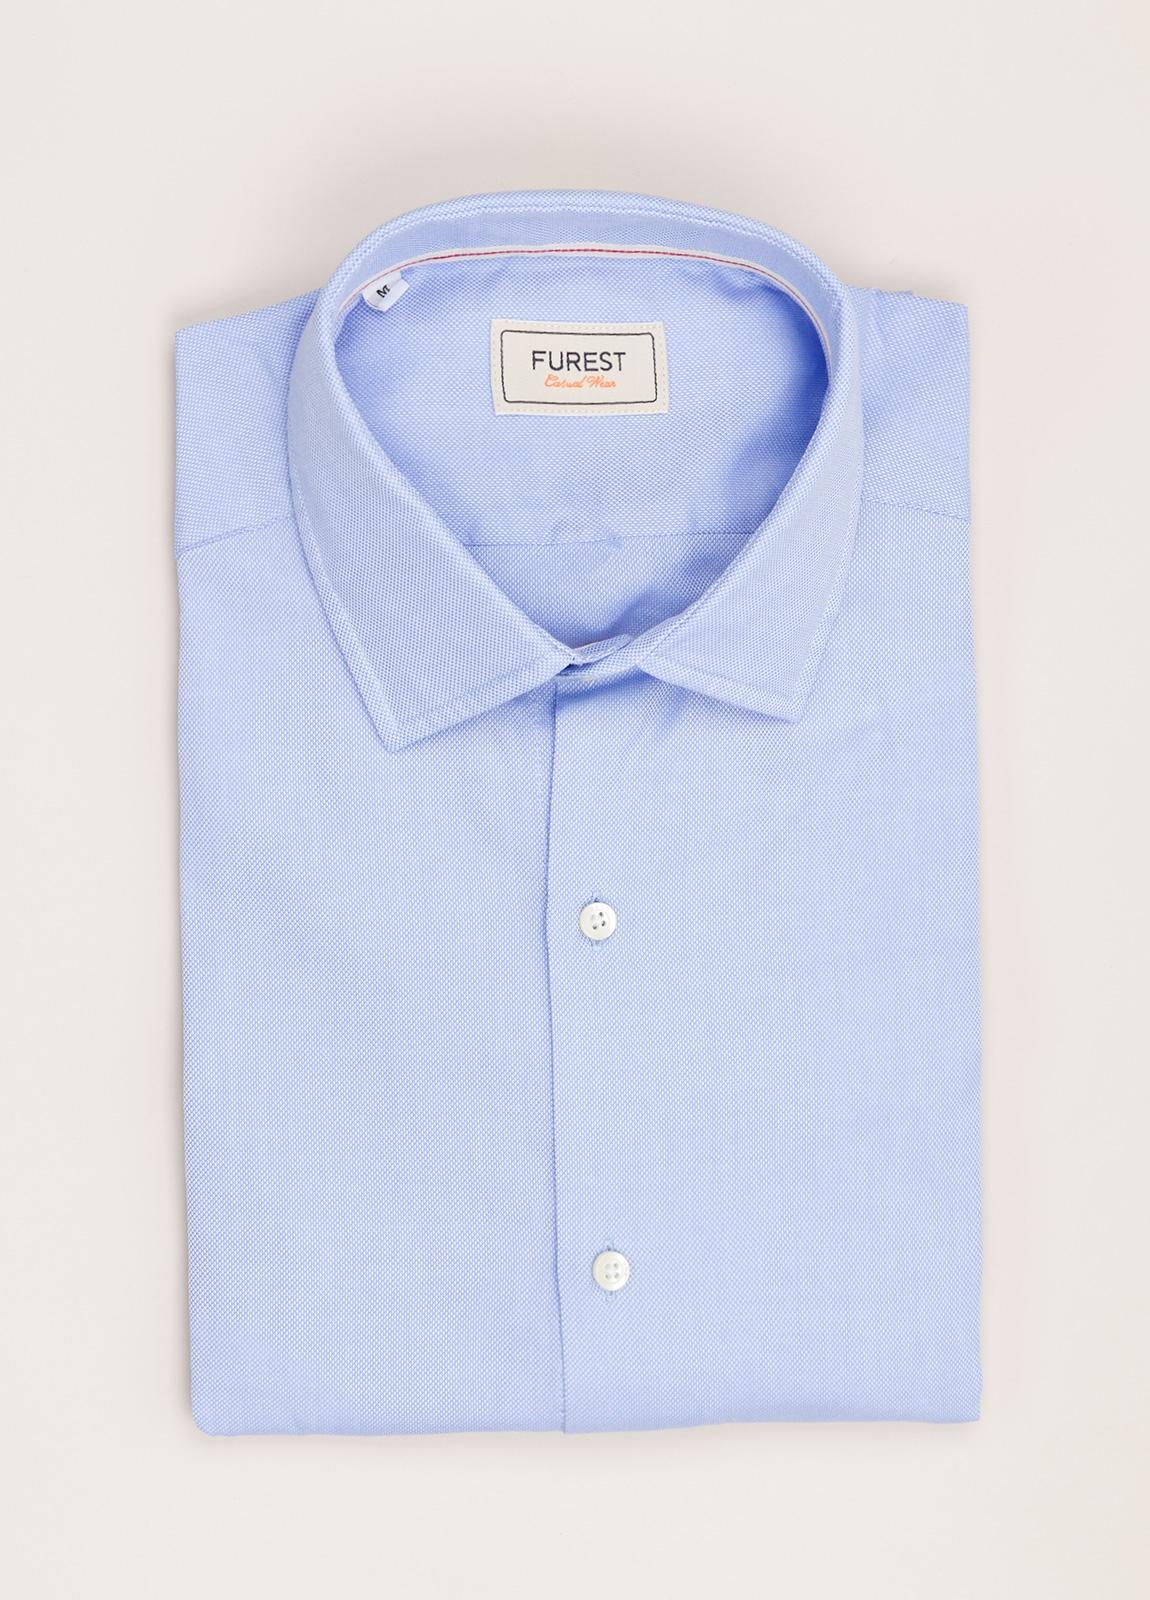 Camisa Casual Wear FUREST COLECCIÓN slim fit textura celeste